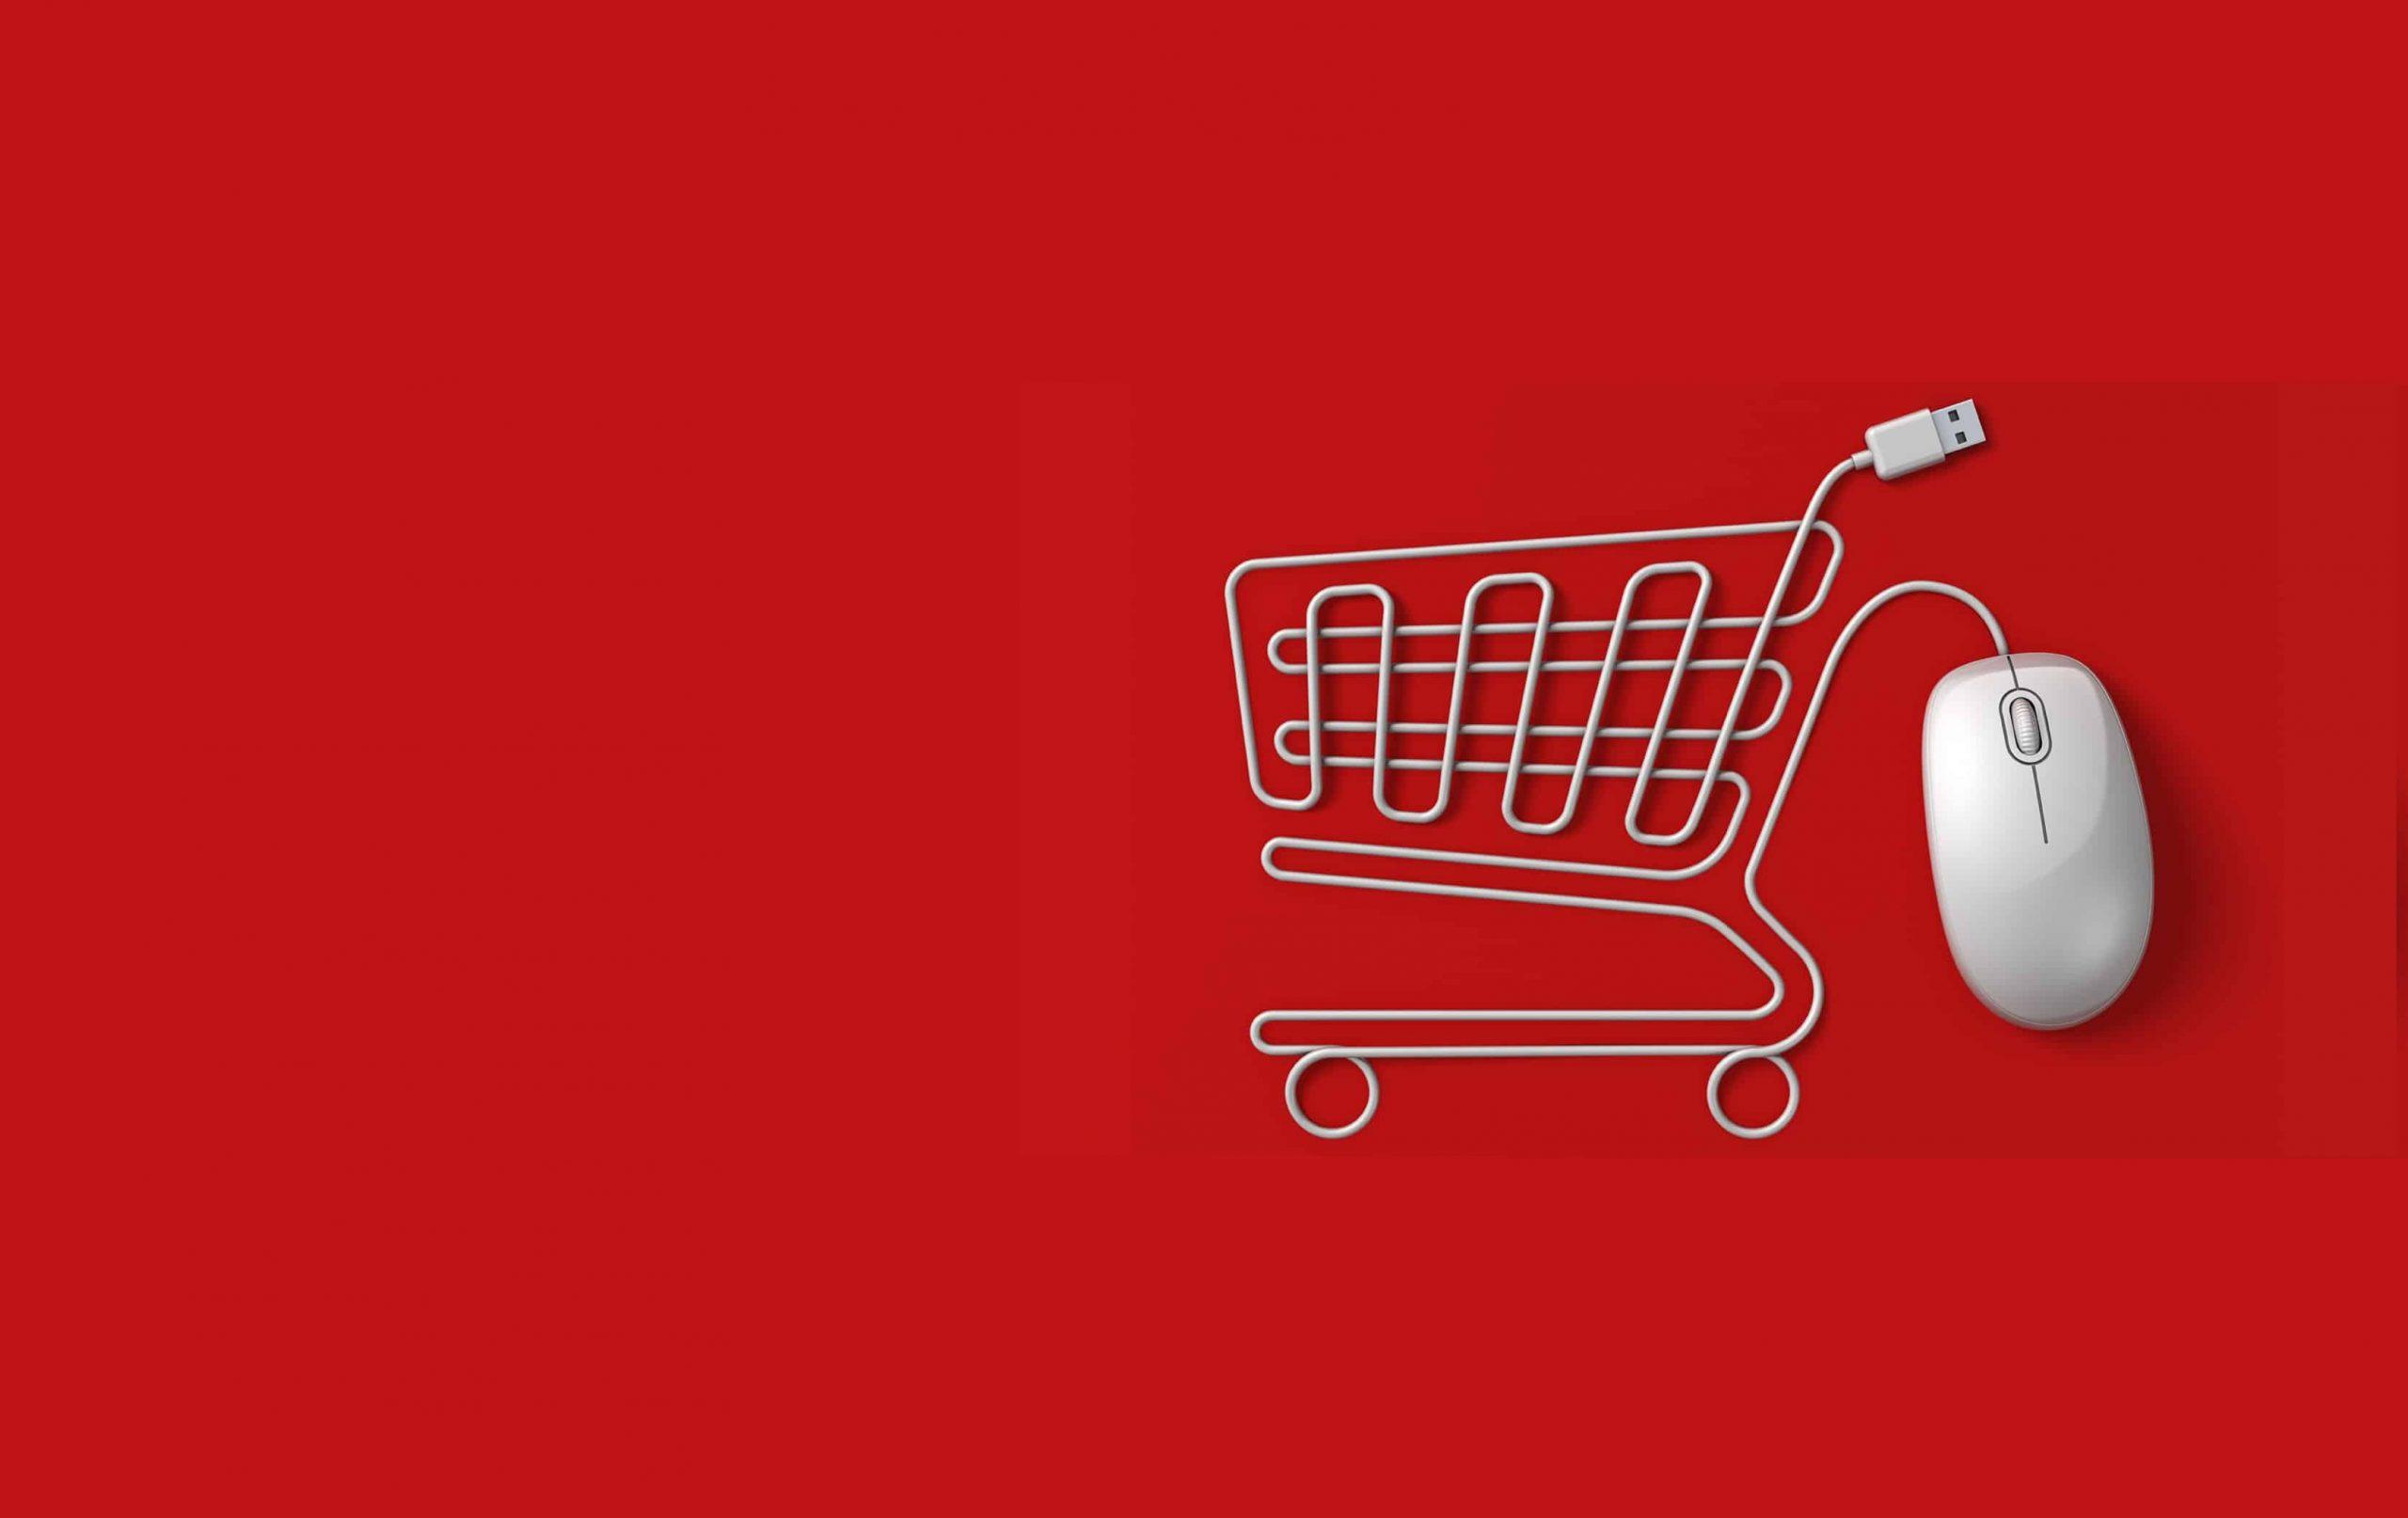 بهترین فروشگاه ساز آنلاین